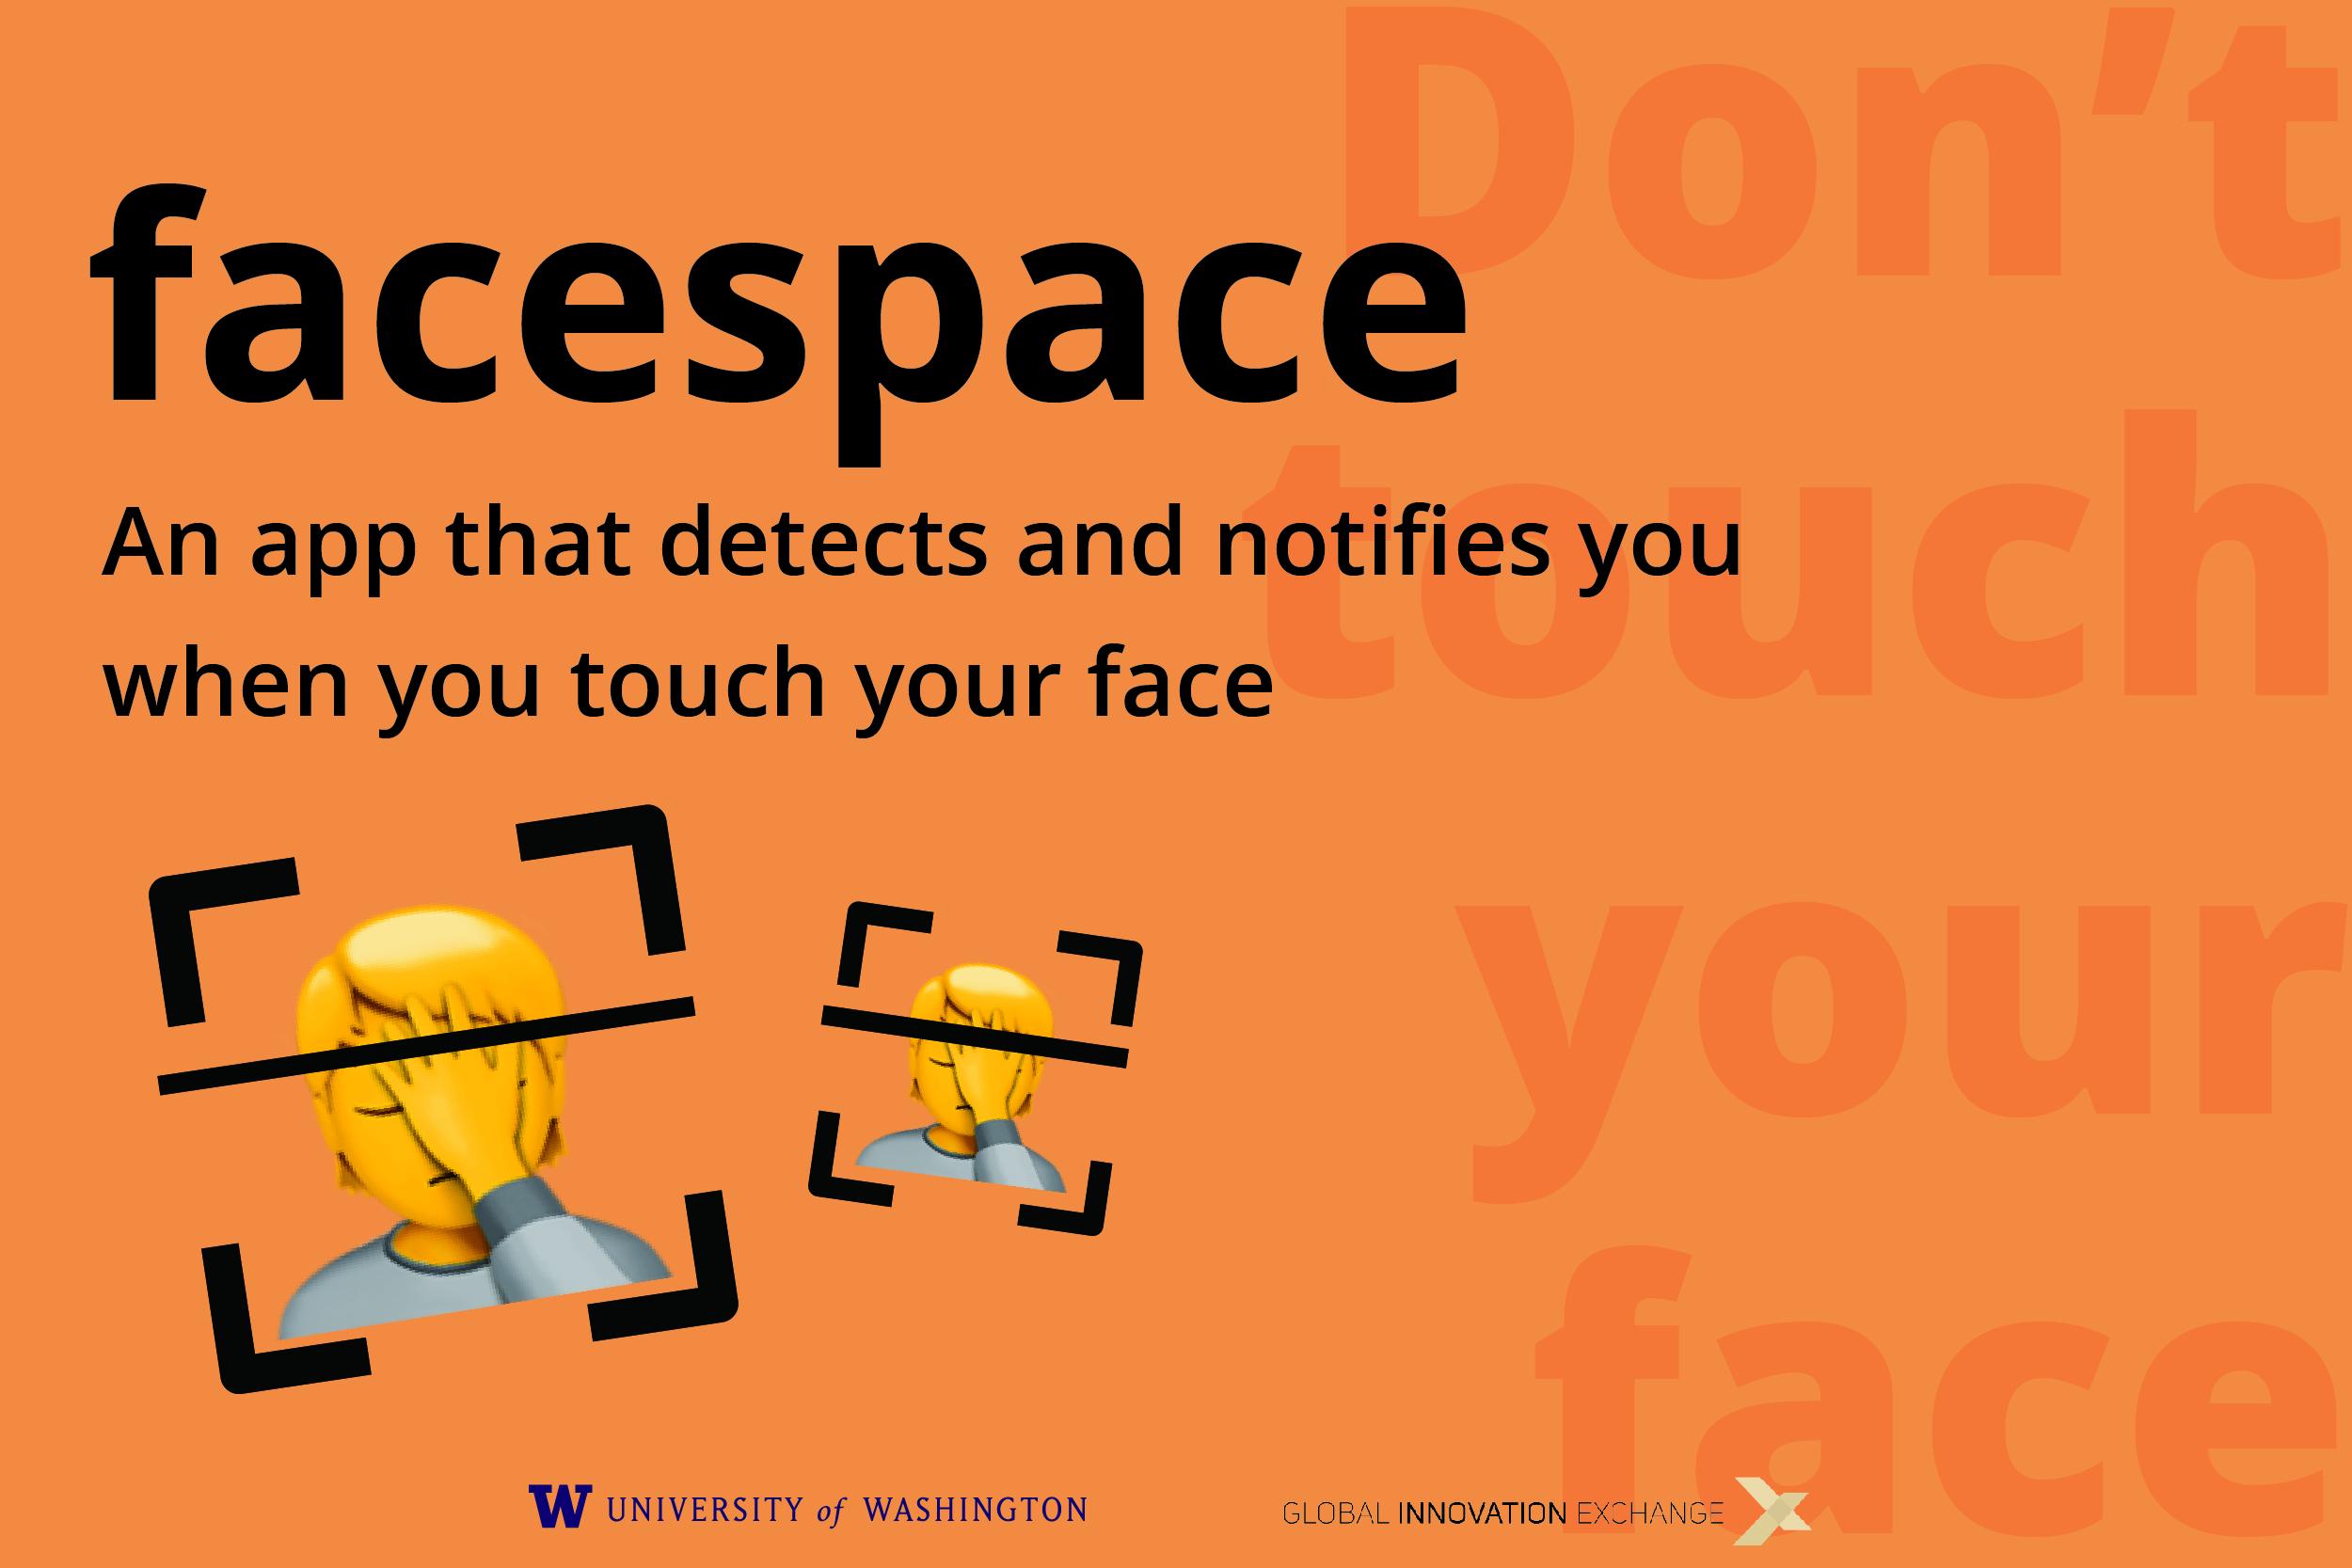 facespace web app